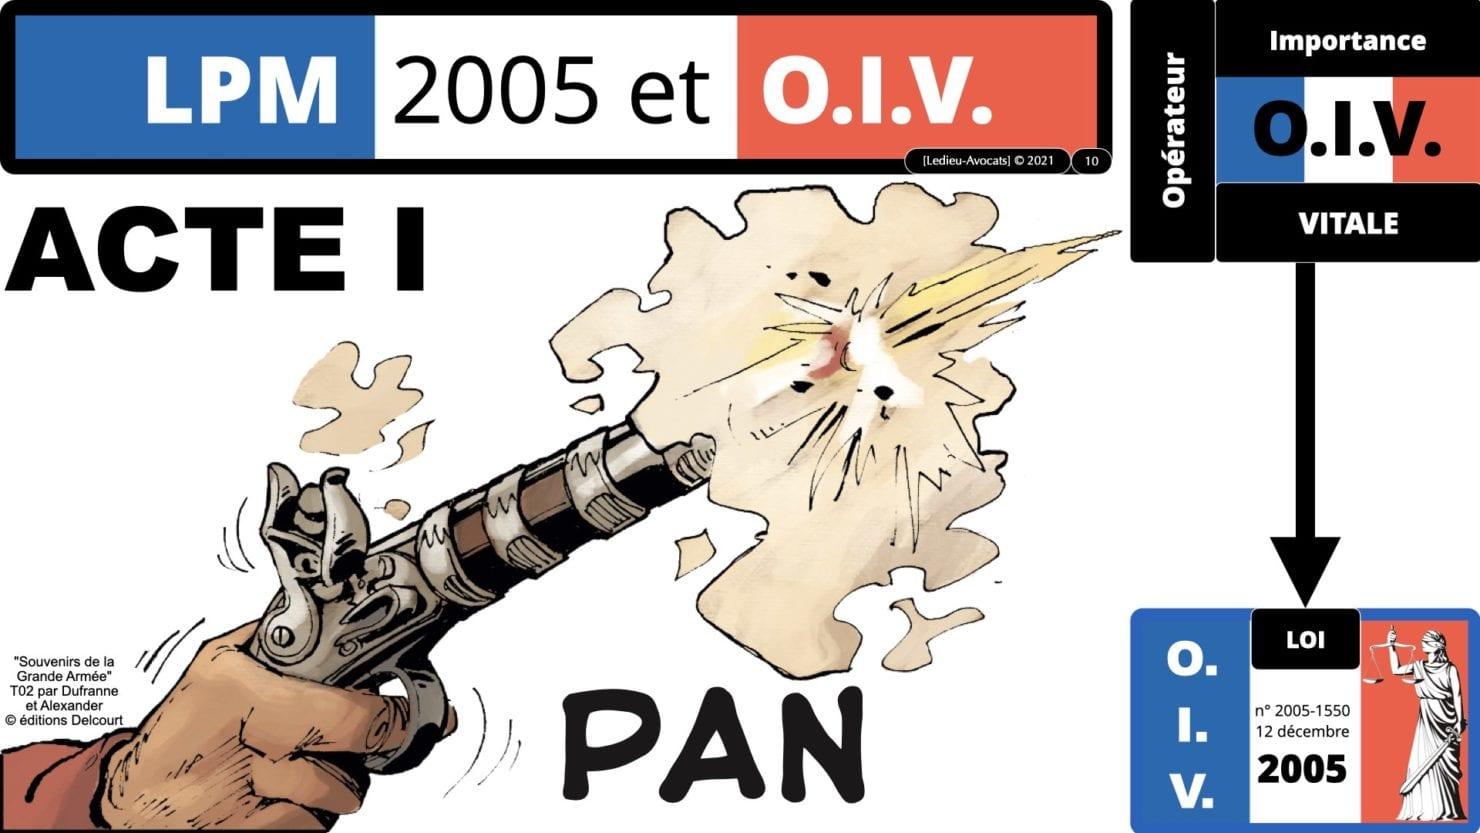 342 cyber sécurité #2 OIV OSE analyse risque EBIOS RM © Ledieu-avocat 15-07-2021.010